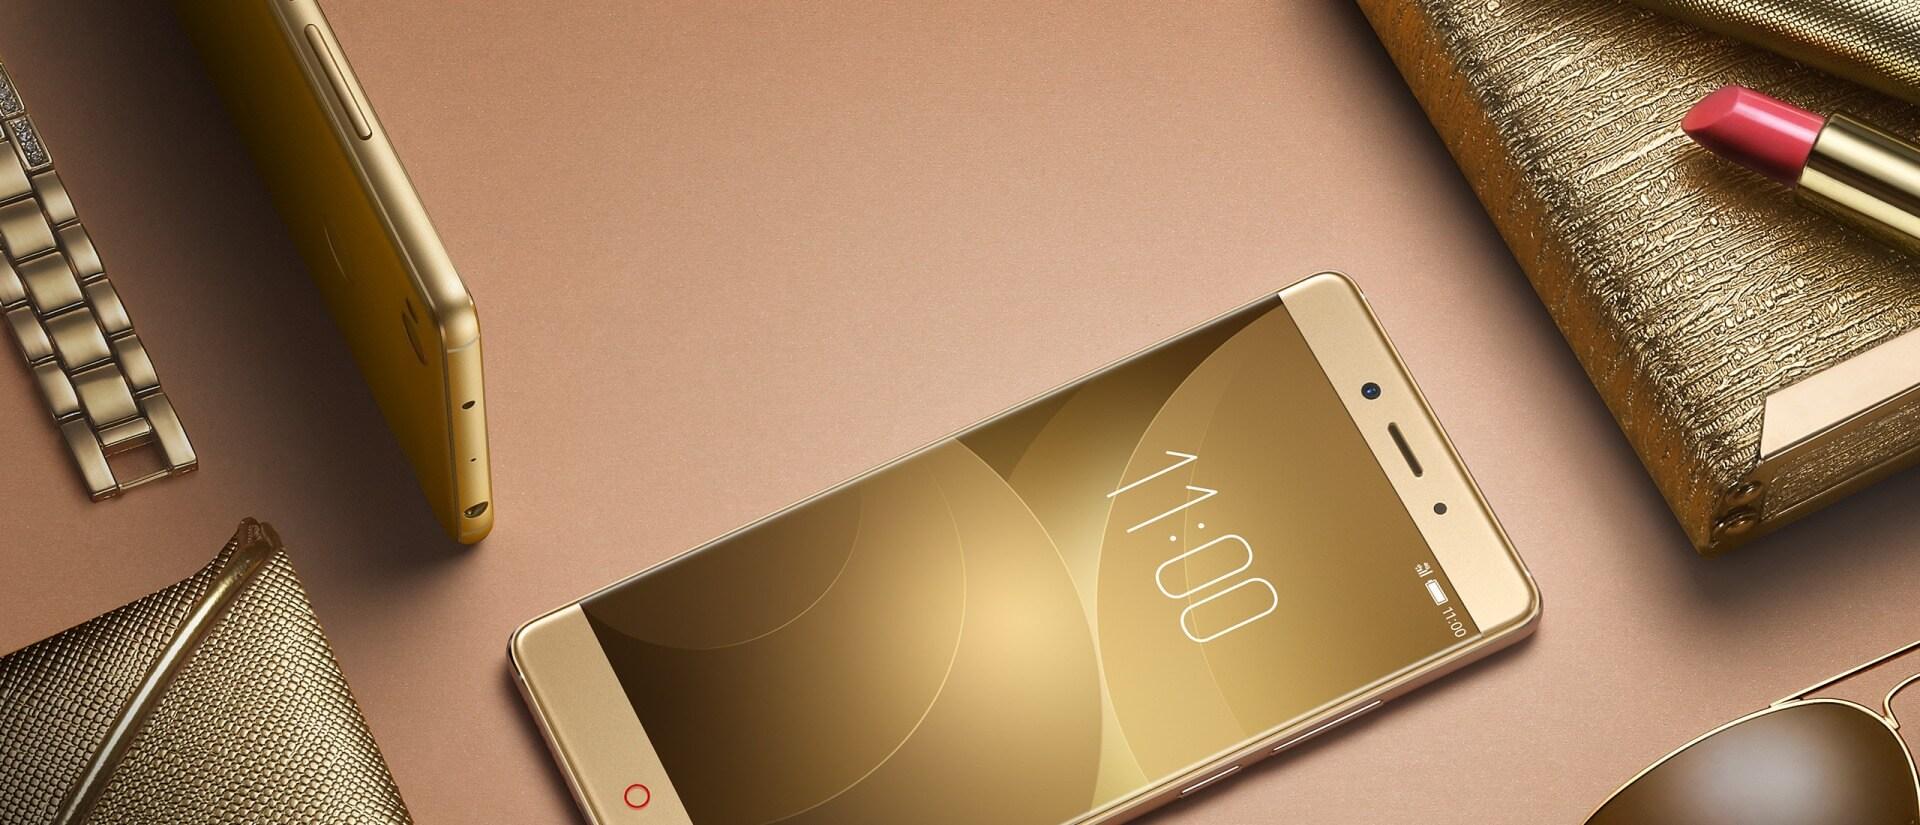 ZTE Nubia Z11: Optischer Trick macht neues Top-Smartphone \'randlos ...